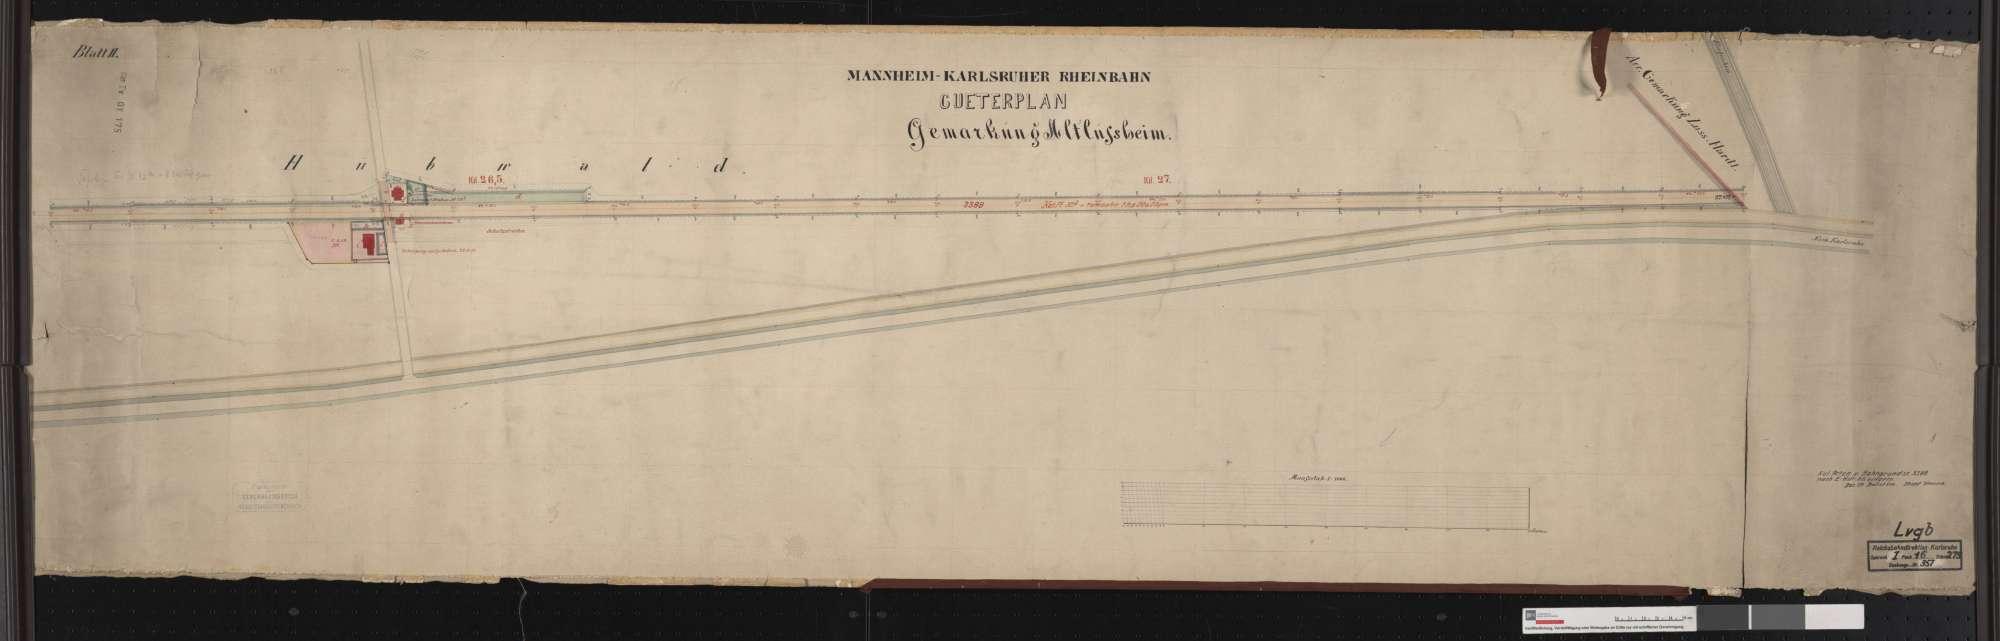 Güterplan der Mannheim-Karlsruher Rheinbahn: Gemarkung Altlußheim Streckenausschnitt: 26,2 bis 27,4 km, Bild 1